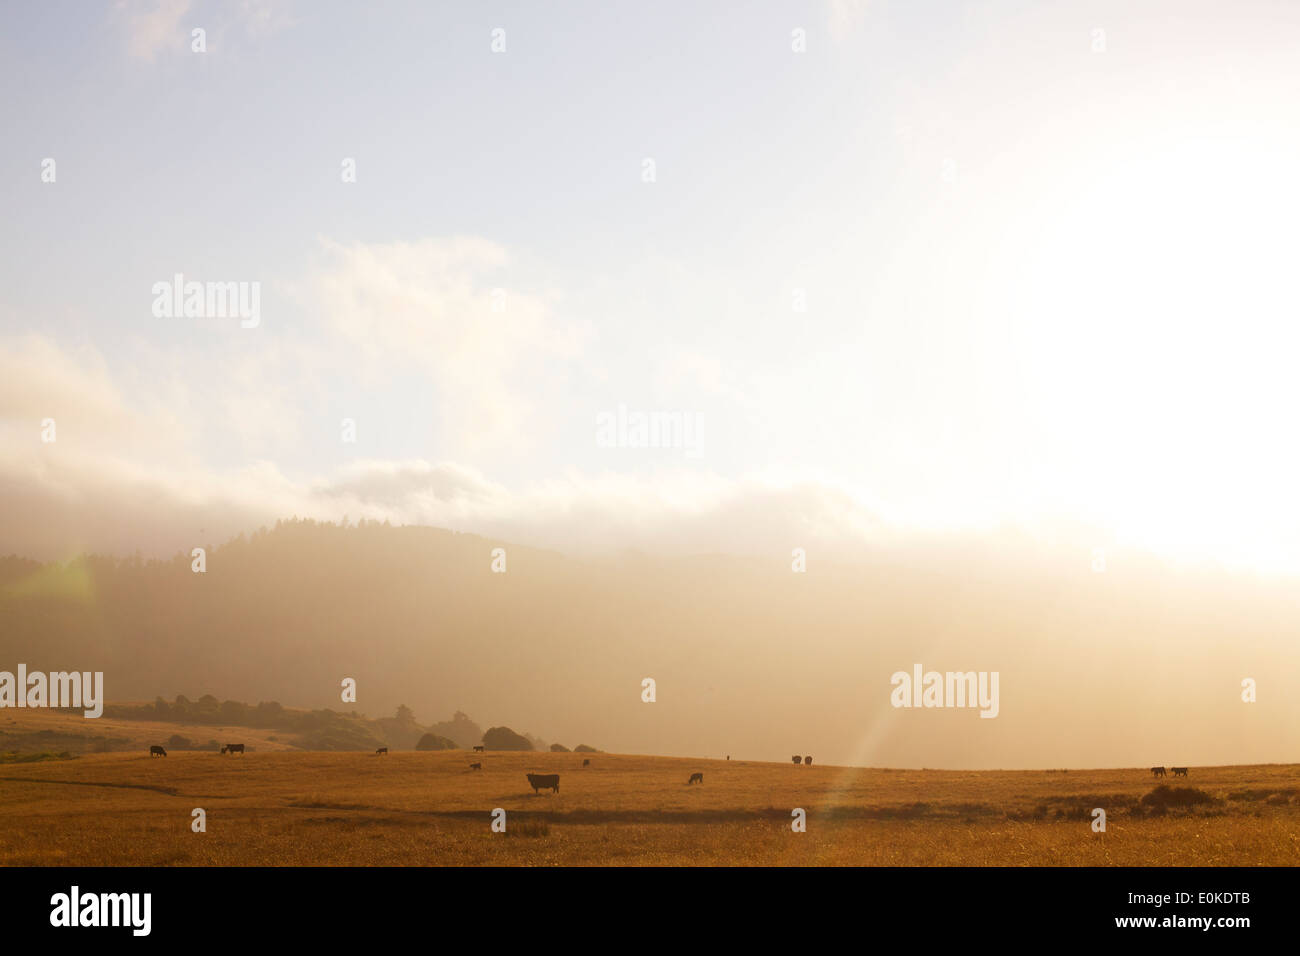 Los rollos de niebla en la distancia de un paisaje de vacas que pastan, siluetas contra una puesta de sol. Imagen De Stock